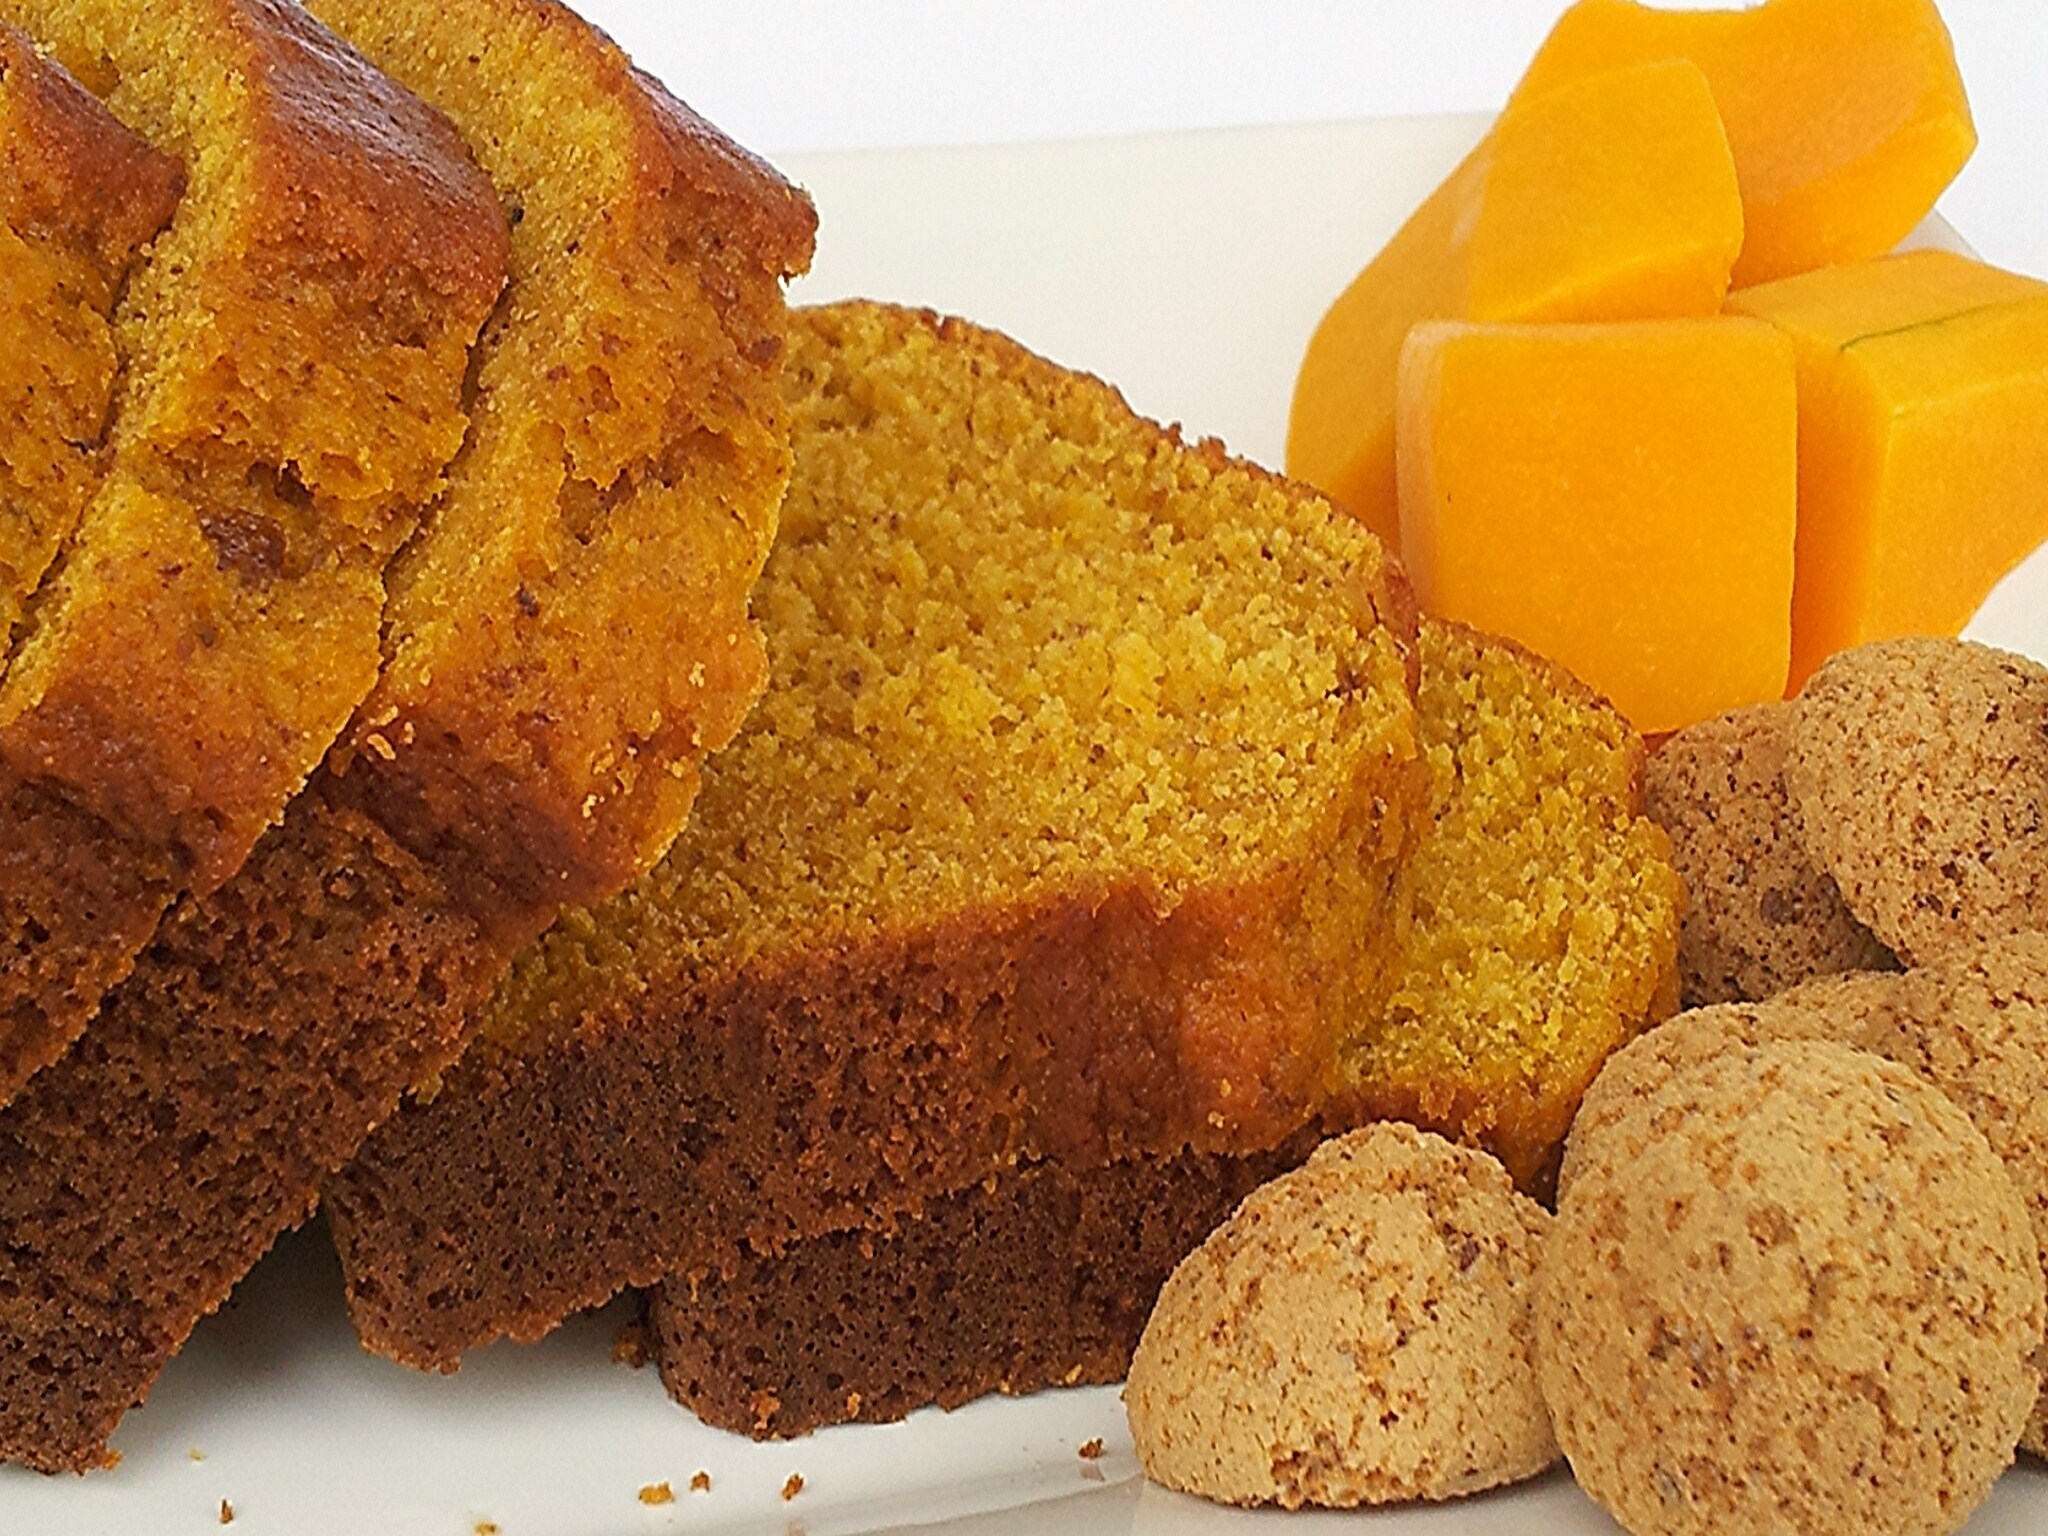 Pan dolce agli amaretti e zucca